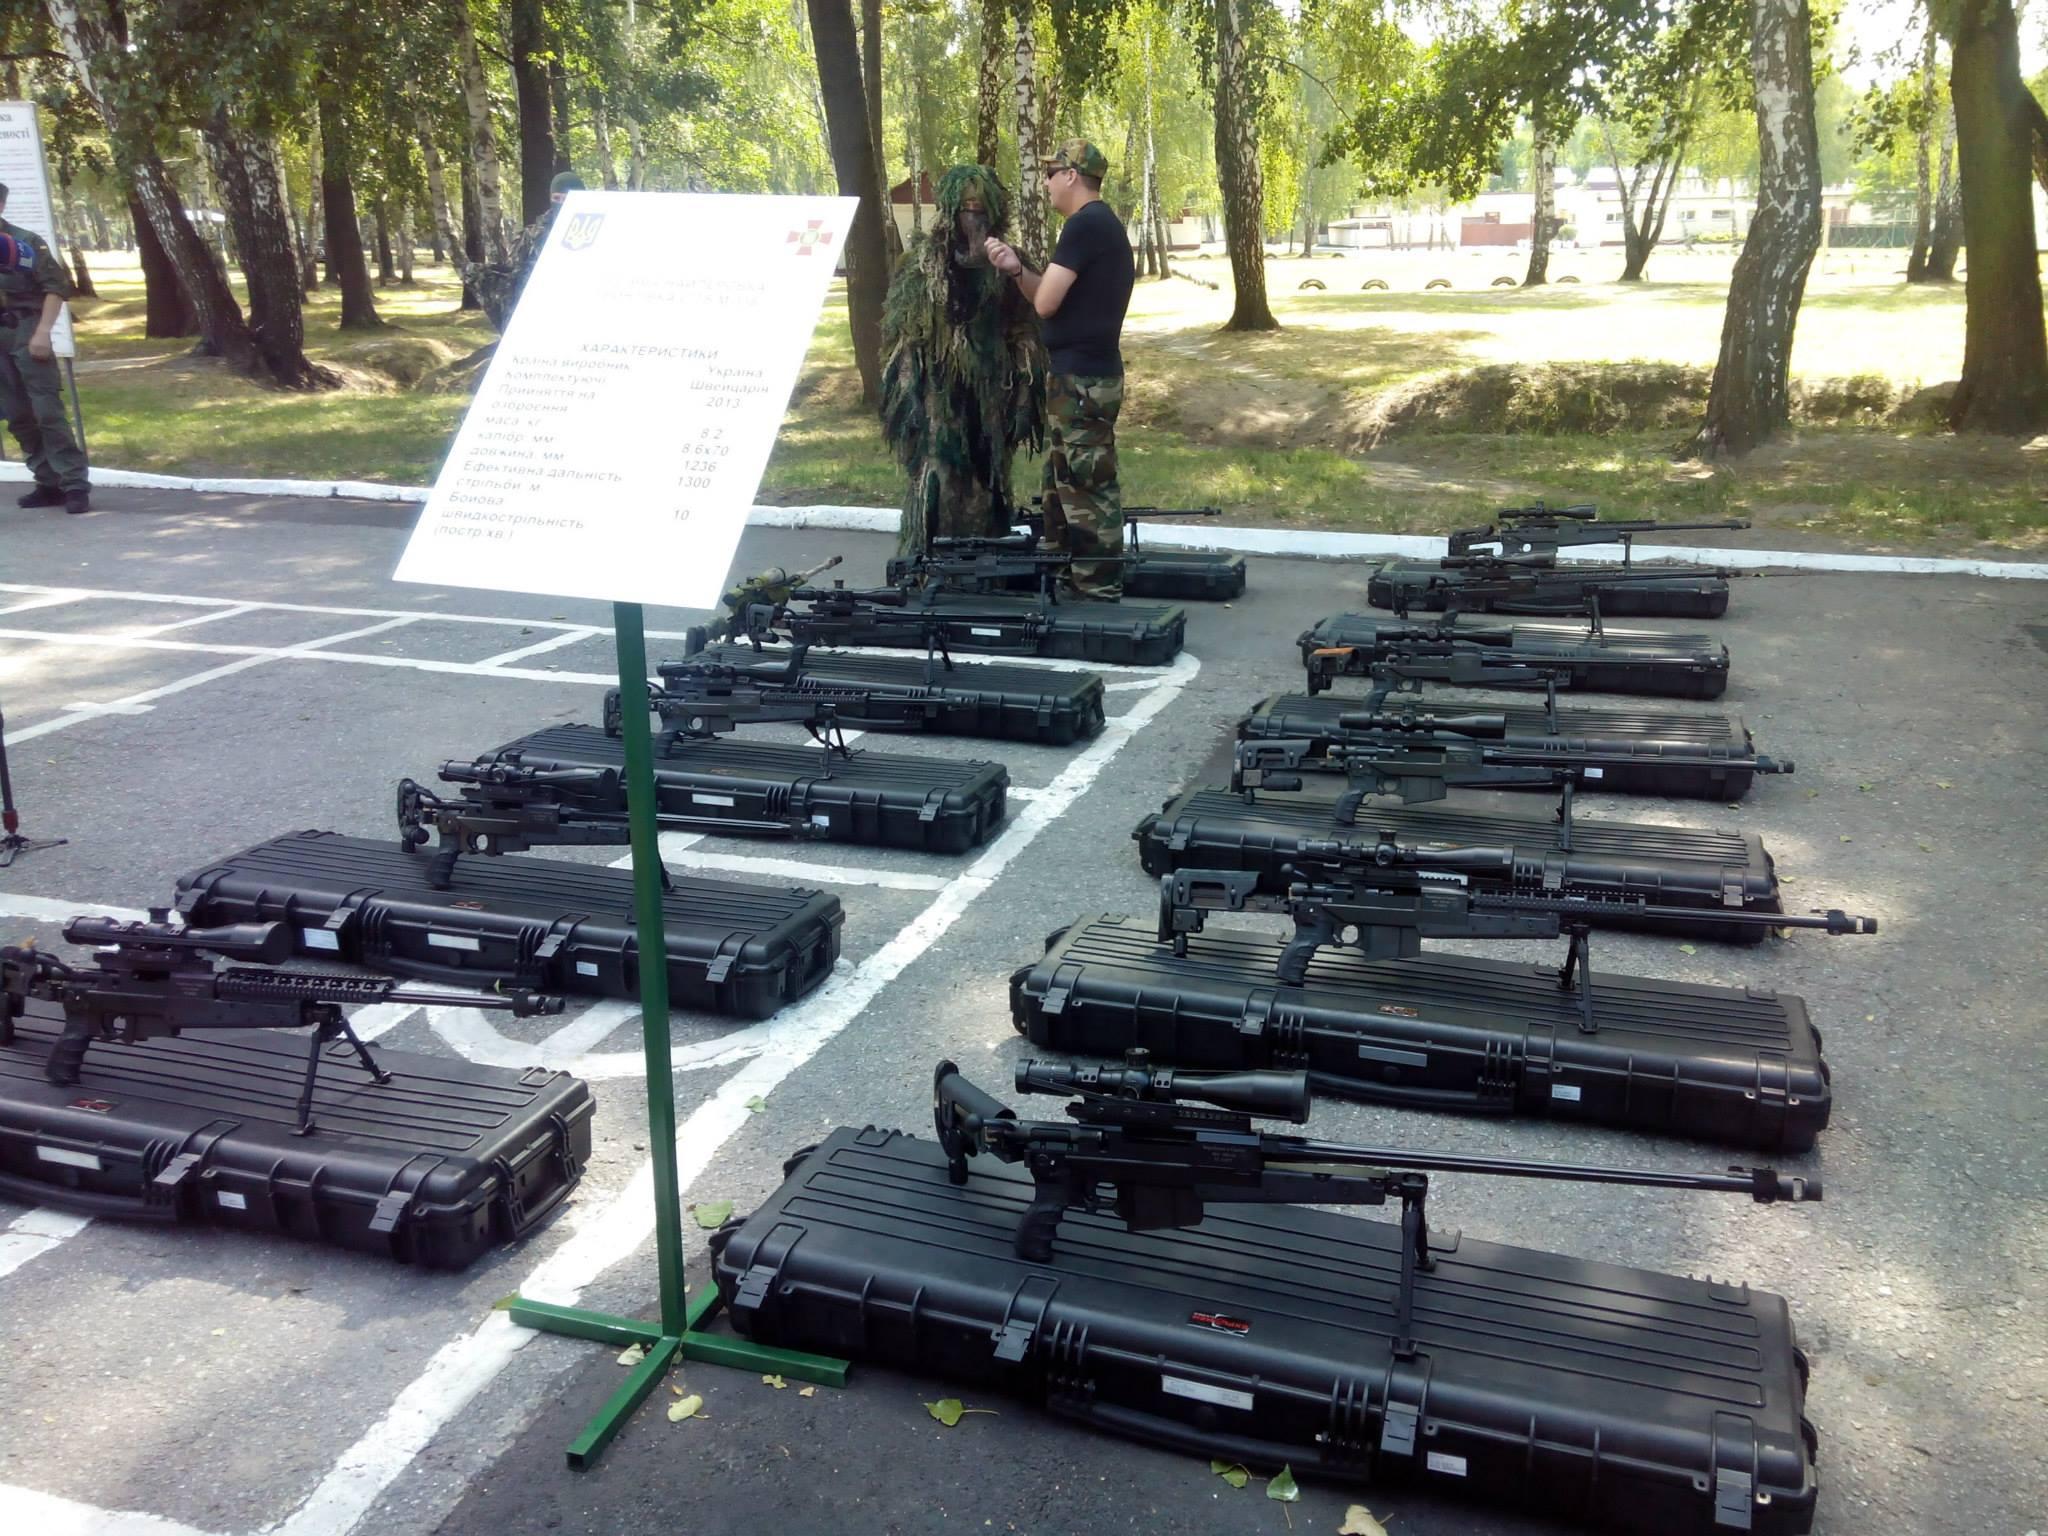 Снайперские винтовки повышенной точности 7.62 бригады оперативного реагирования.